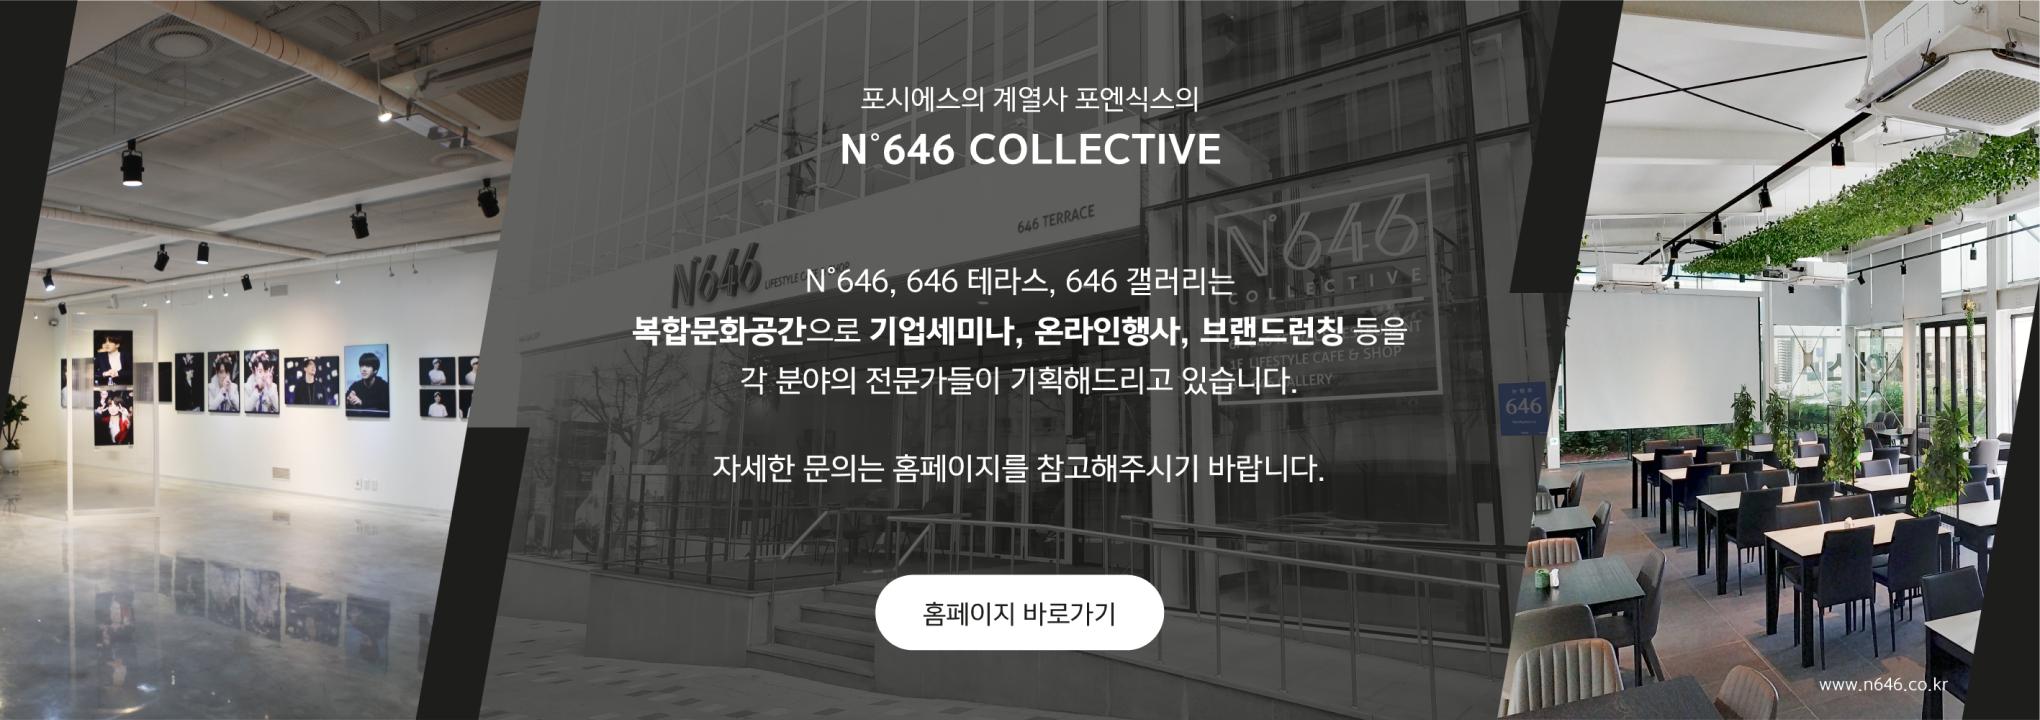 포시에스의 계열사 포엔식스의 N646 Collective. N646, 646테라스, 646갤러리는 복합문화공간으로 기업세미나, 온라인행사, 브랜드런칭 등을 각 분야의 전문가들이 기획해드리고 있습니다. 자세한 문의는 홈페이지를 참고해주시기 바랍니다. www.n646.co.kr